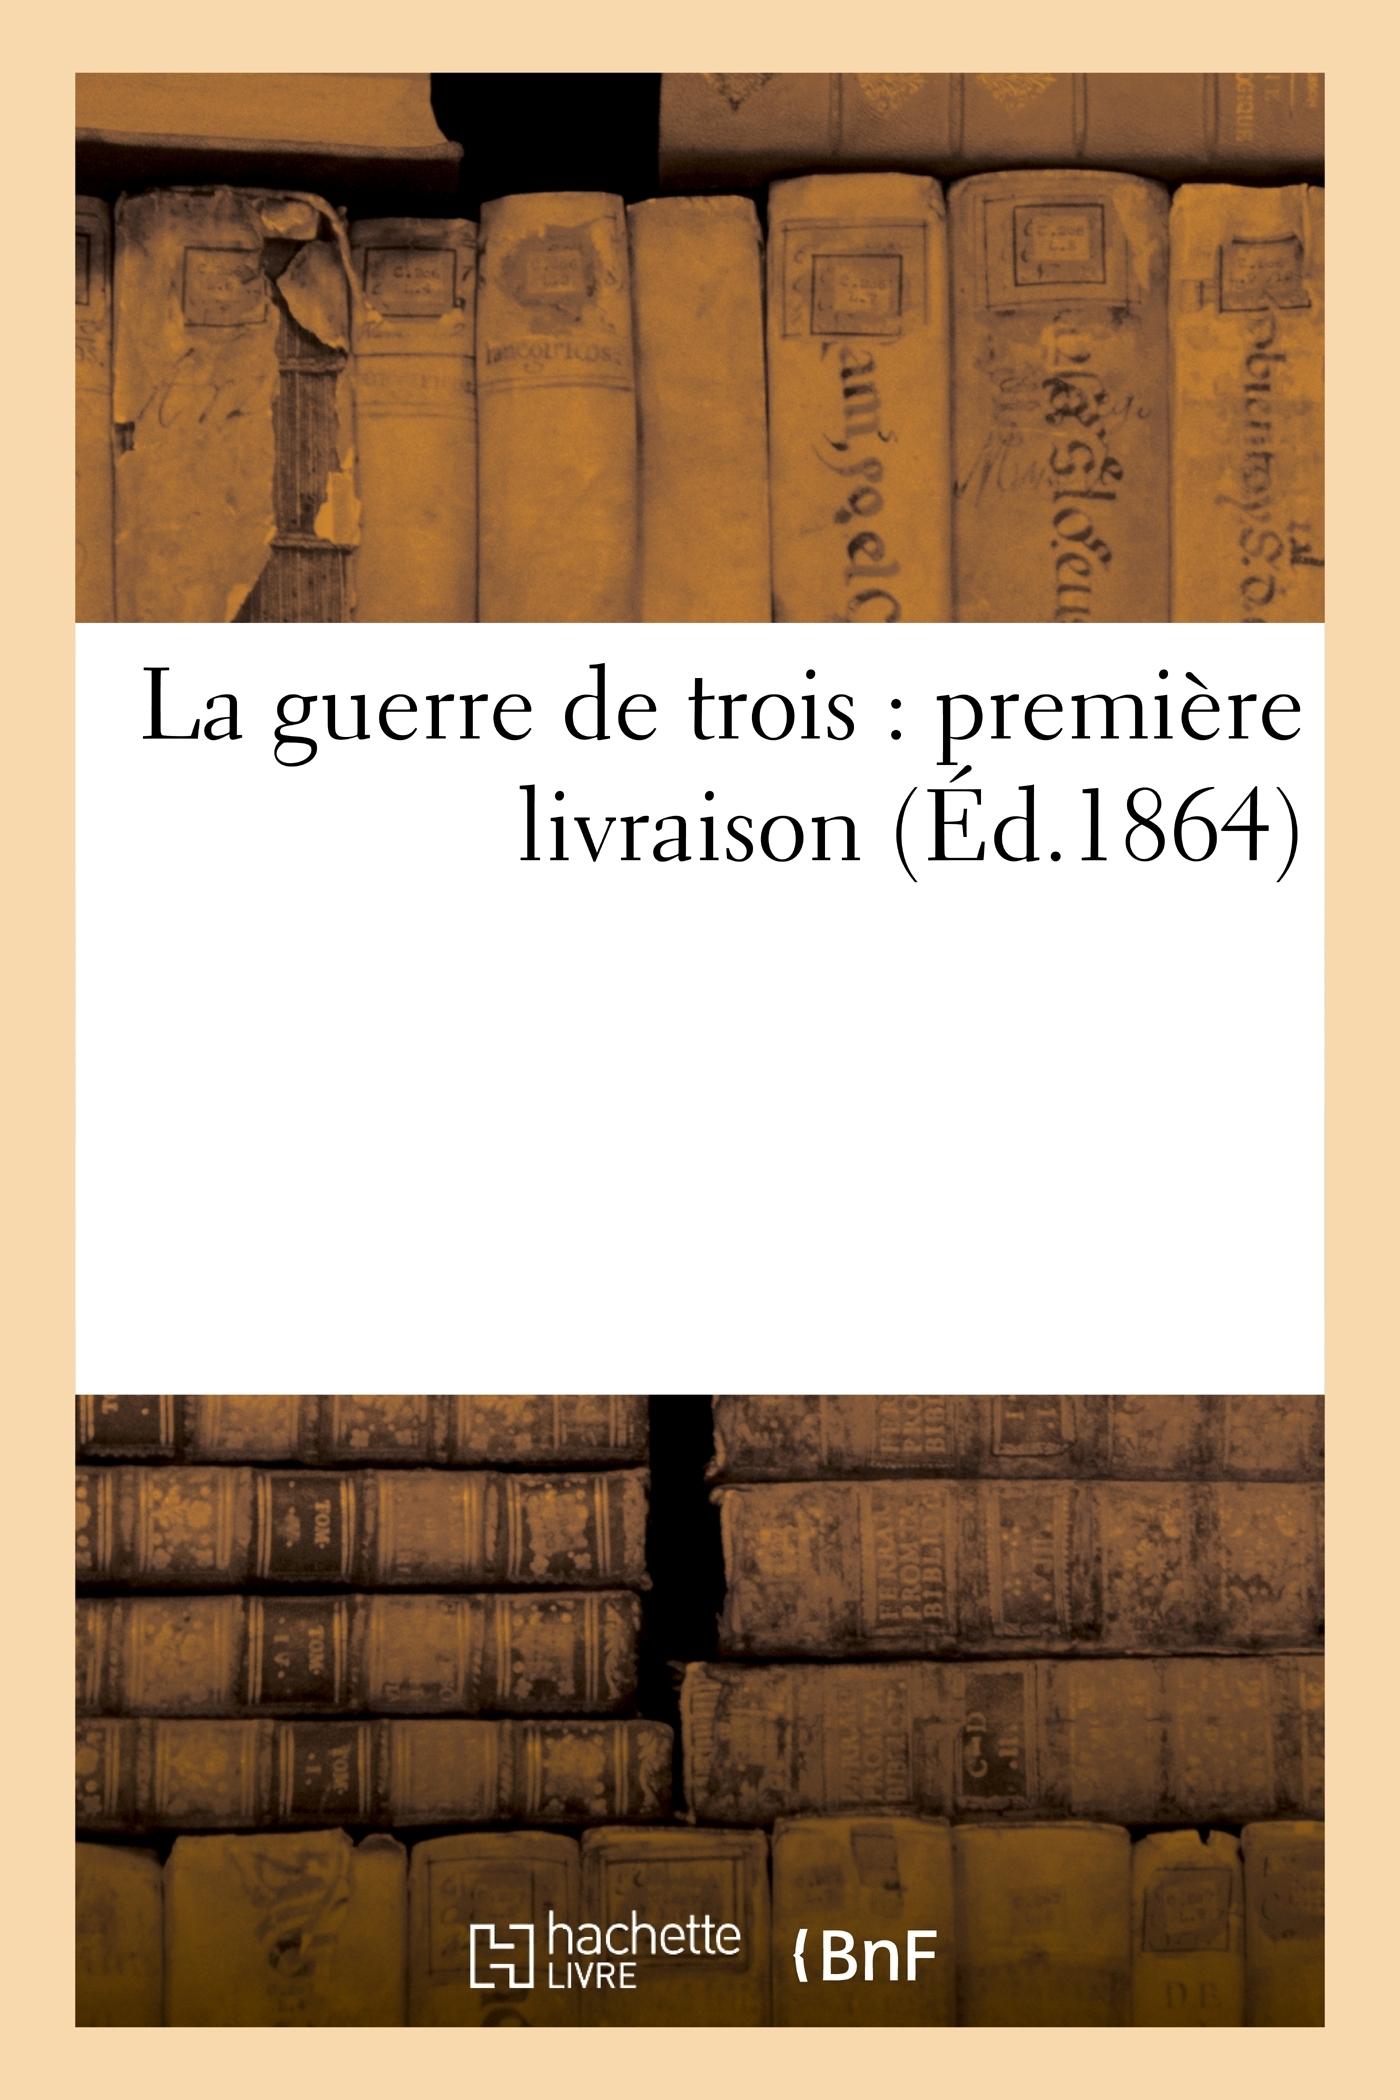 LA GUERRE DE TROIS : PREMIERE LIVRAISON